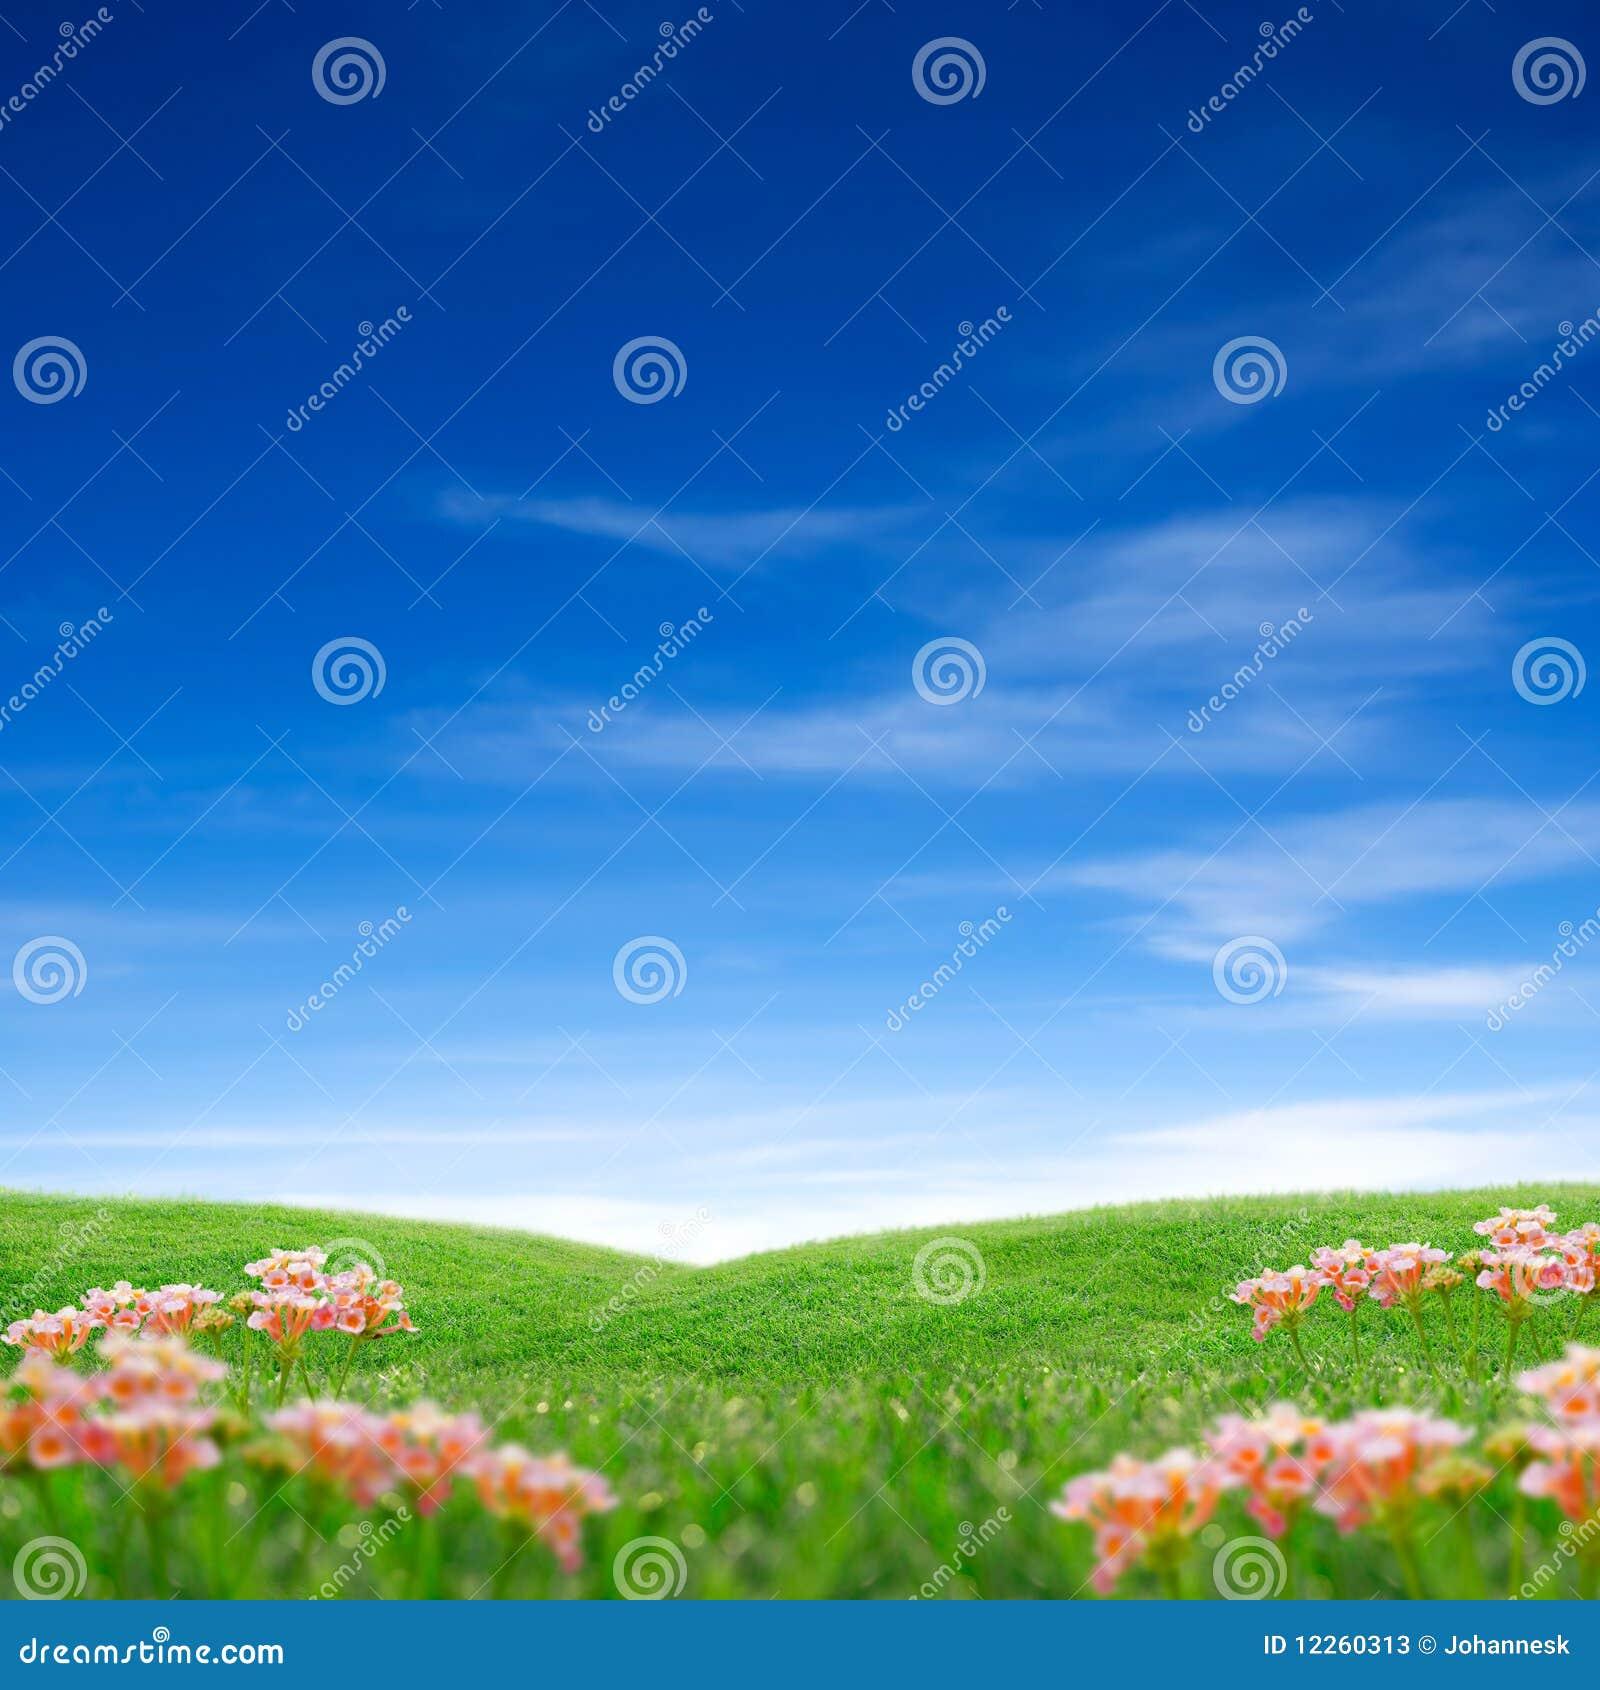 Spring grass & sky